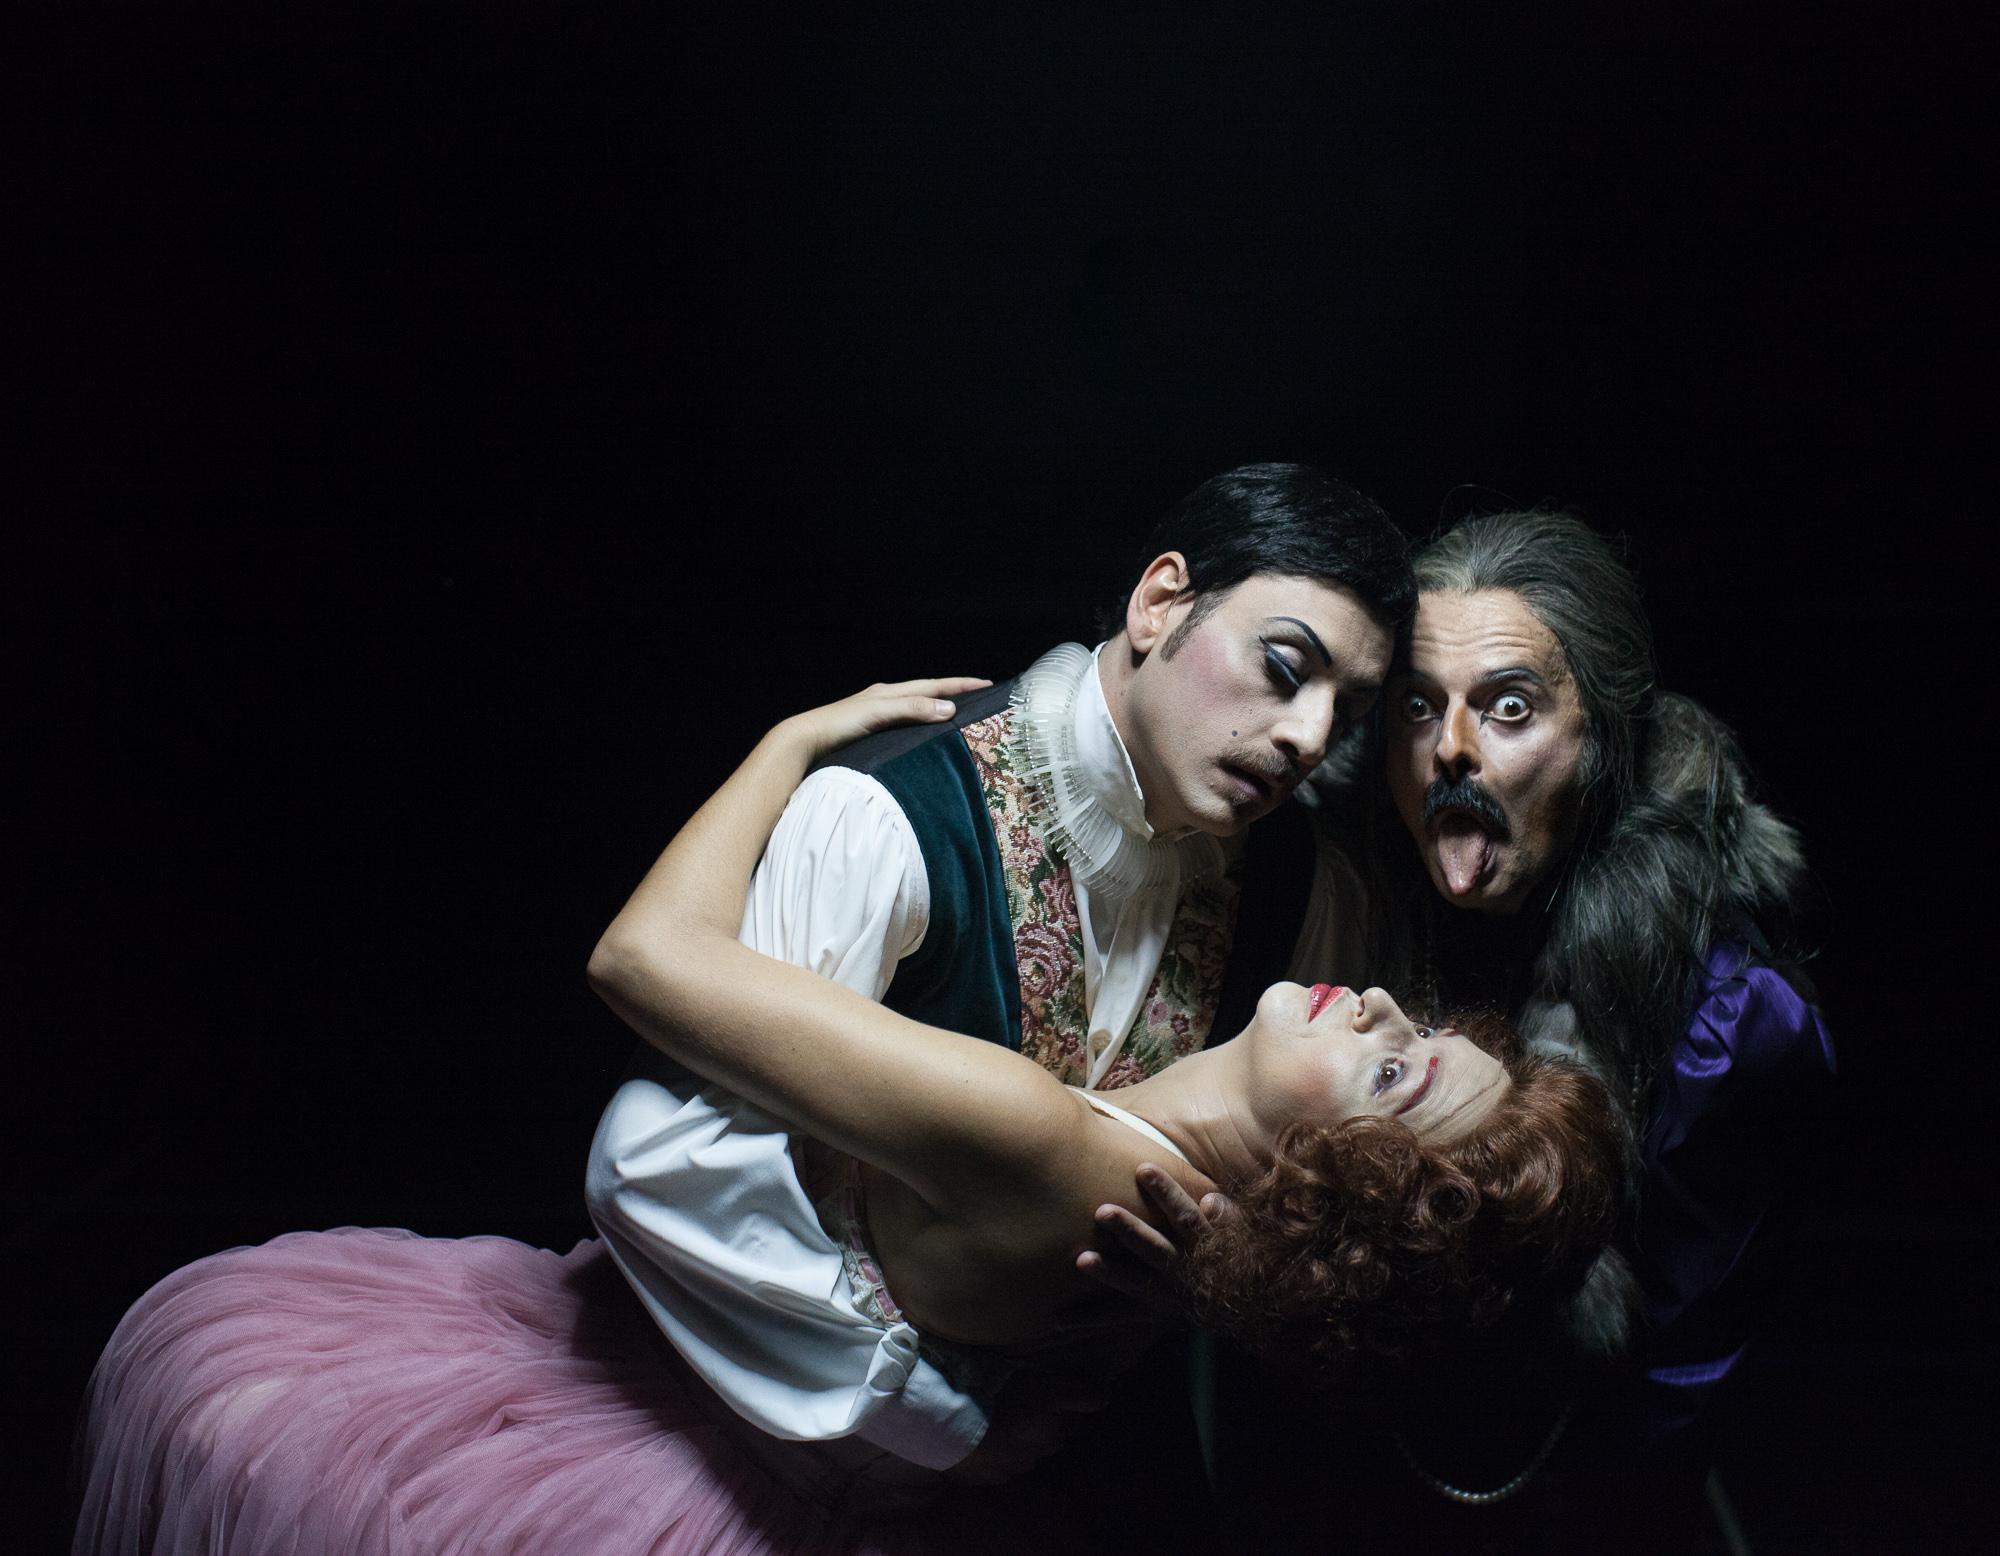 «Δωδέκατη νύχτα», σε σκηνοθεσία Δημήτρη Καραντζά